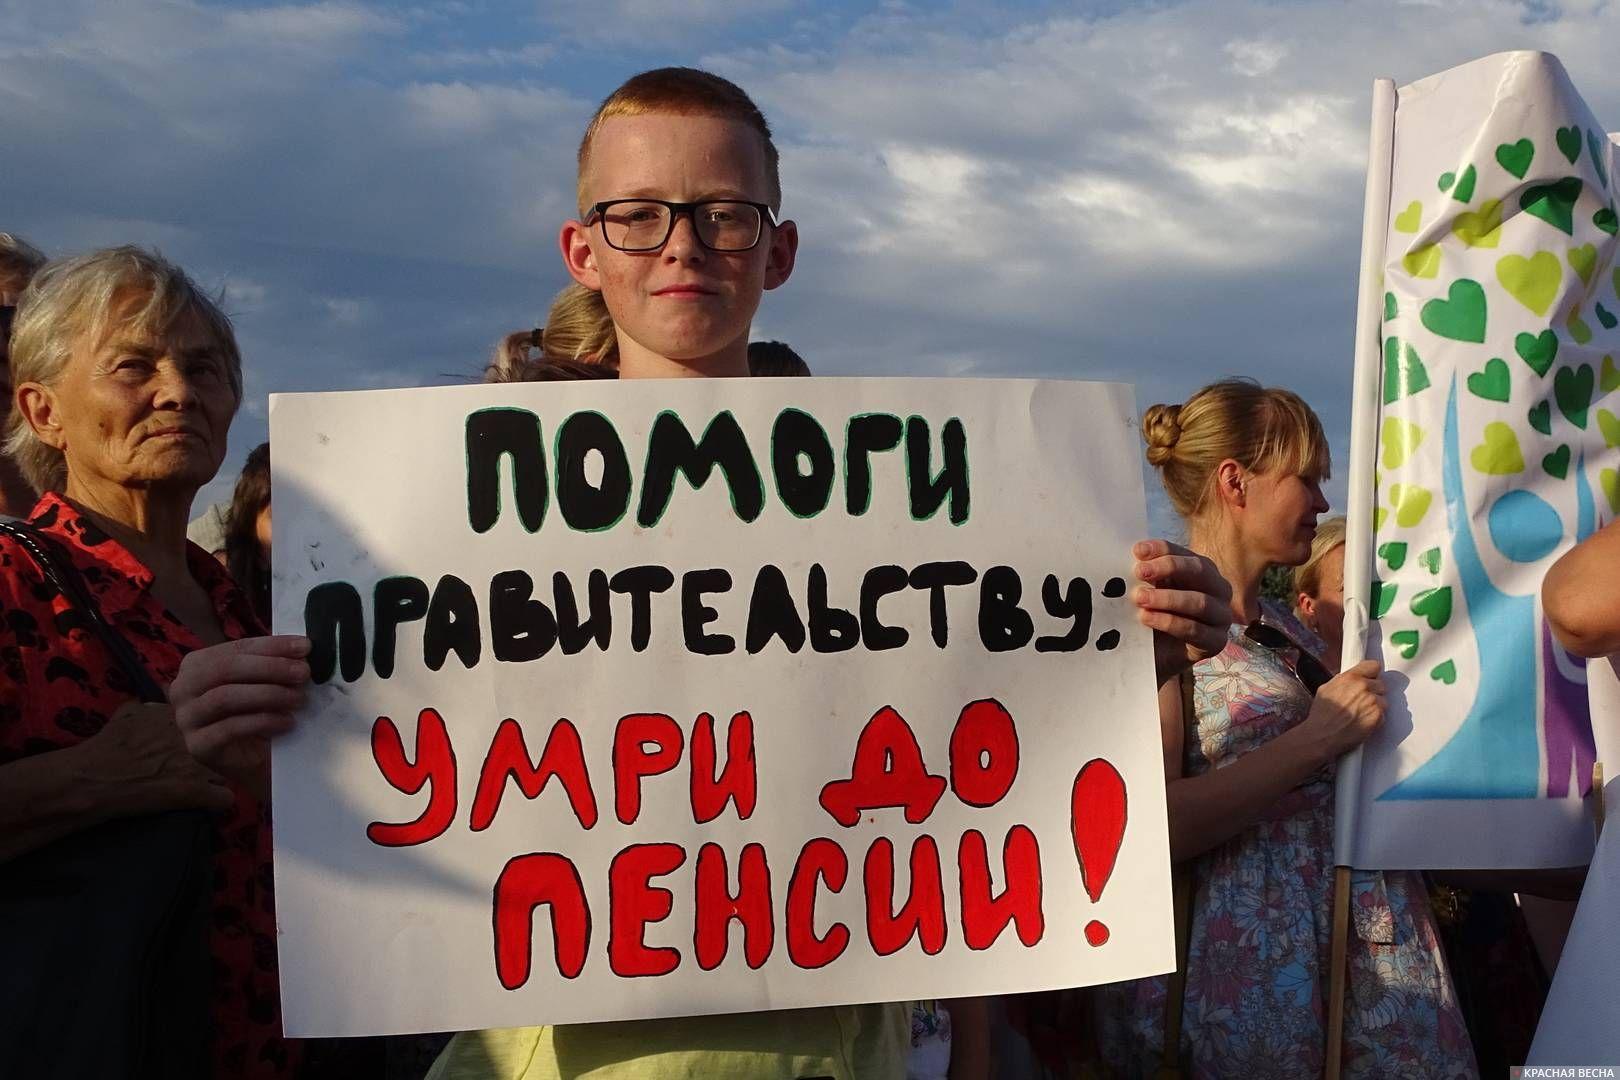 Митинг против пенсионной реформы, город Волжский, 2018 год